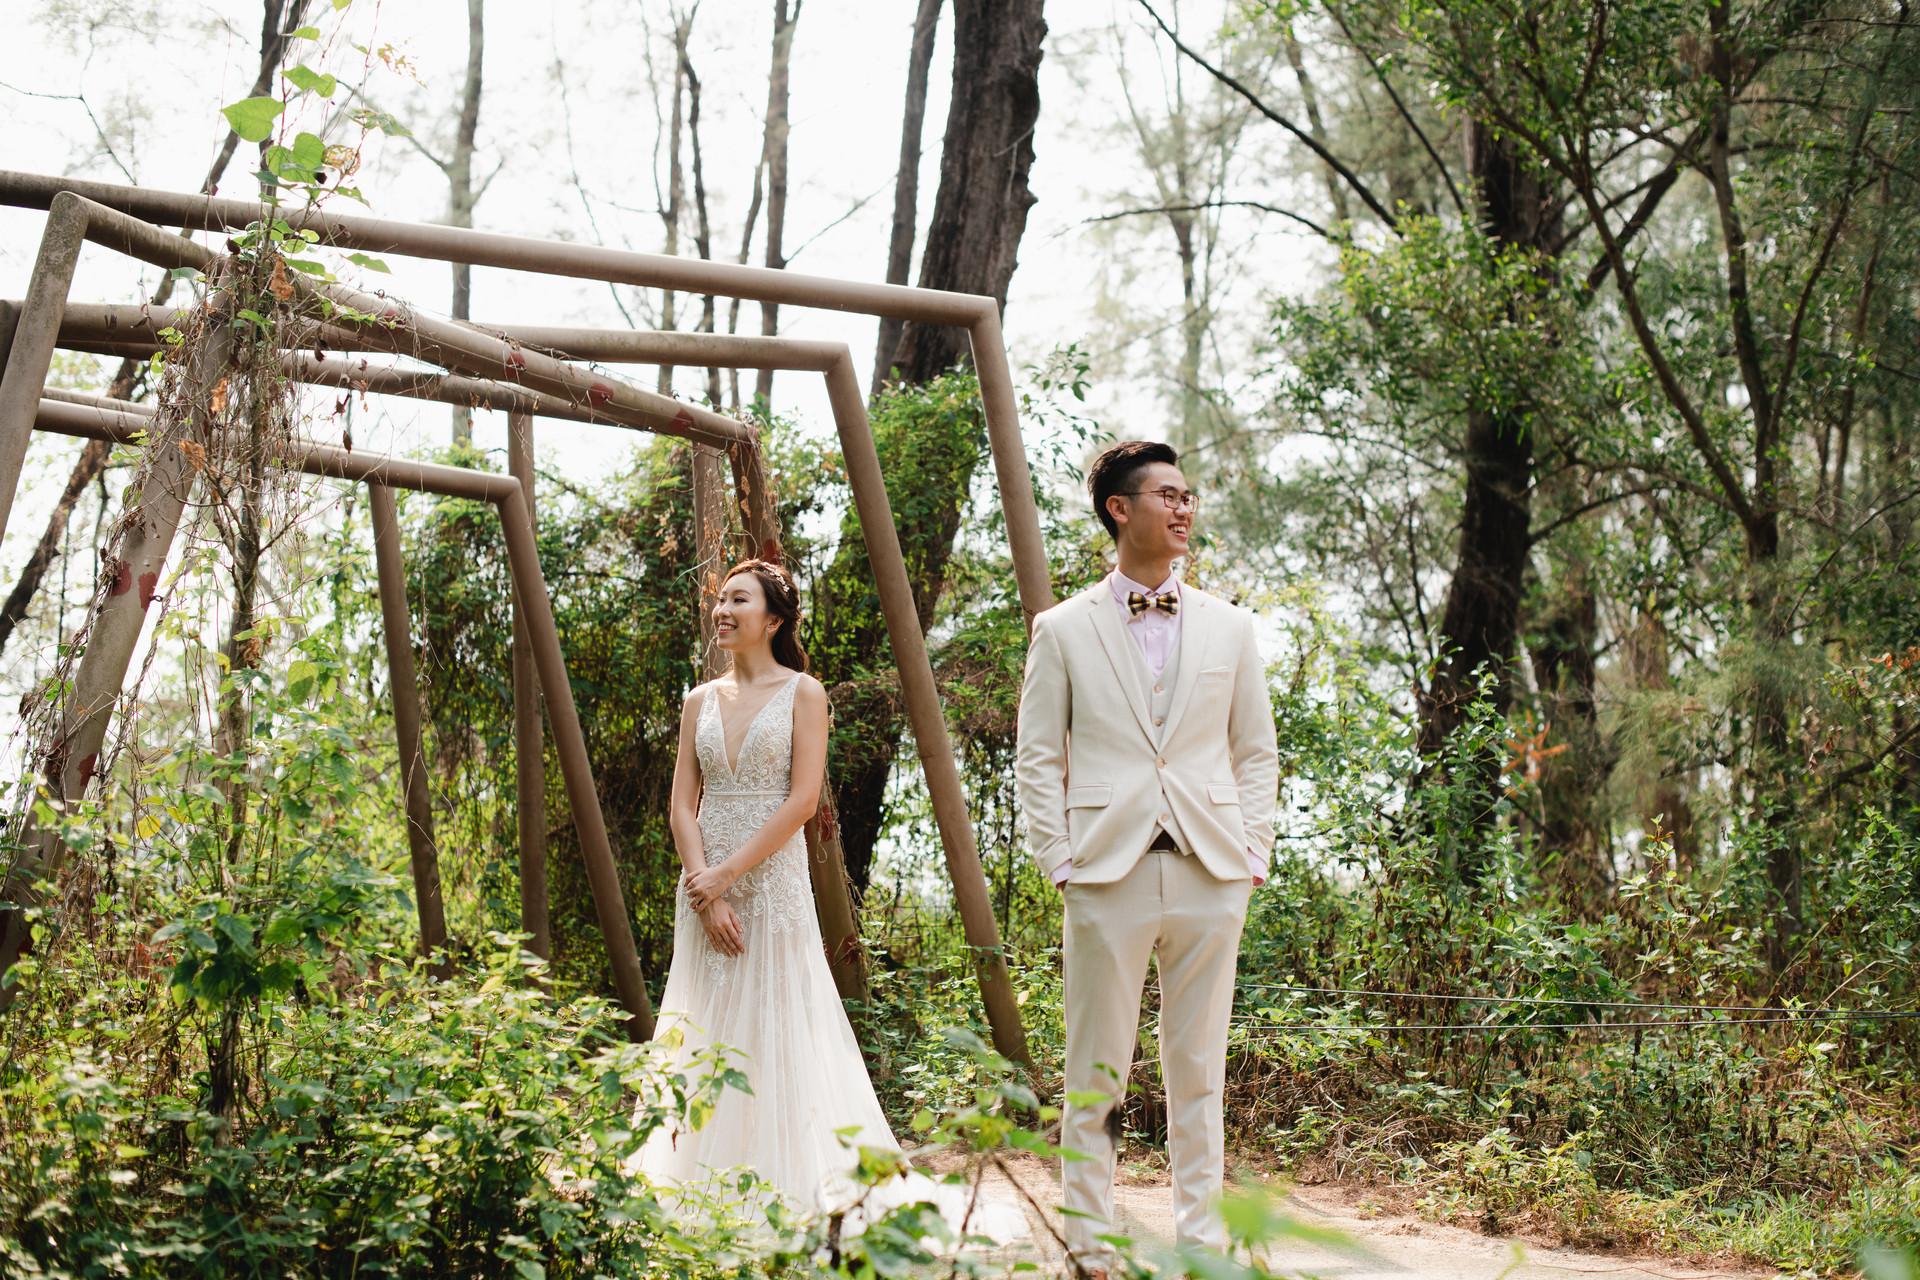 Chng Kiat & Hui Yi-59.JPG